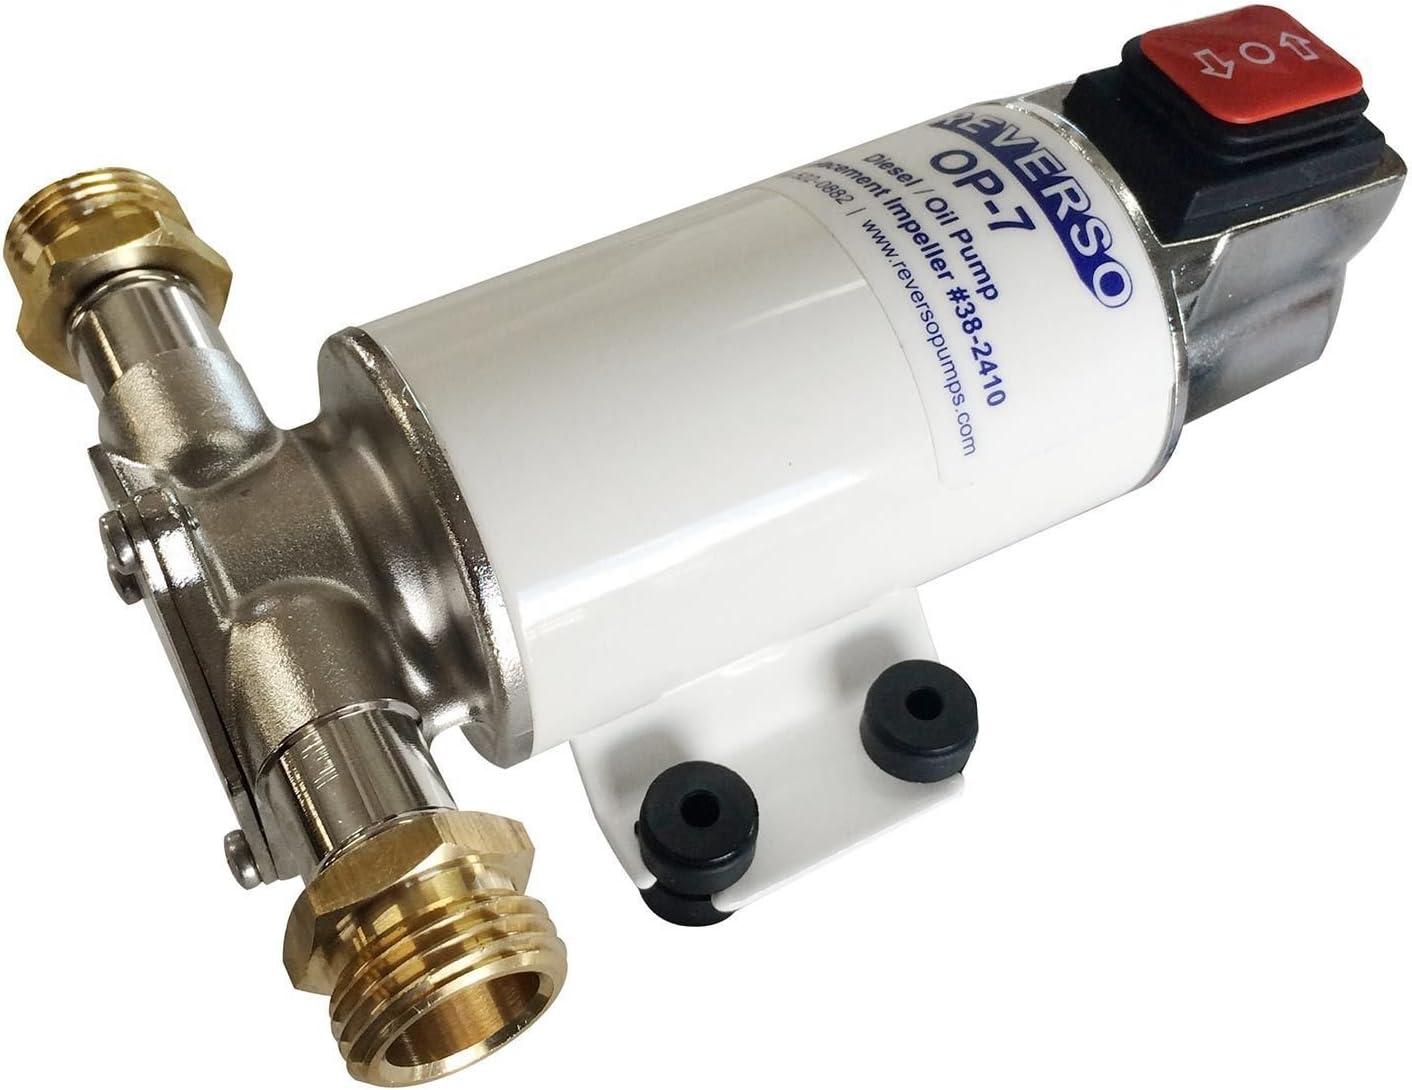 Jabsco 17830-0012 12V Oil Change Pump